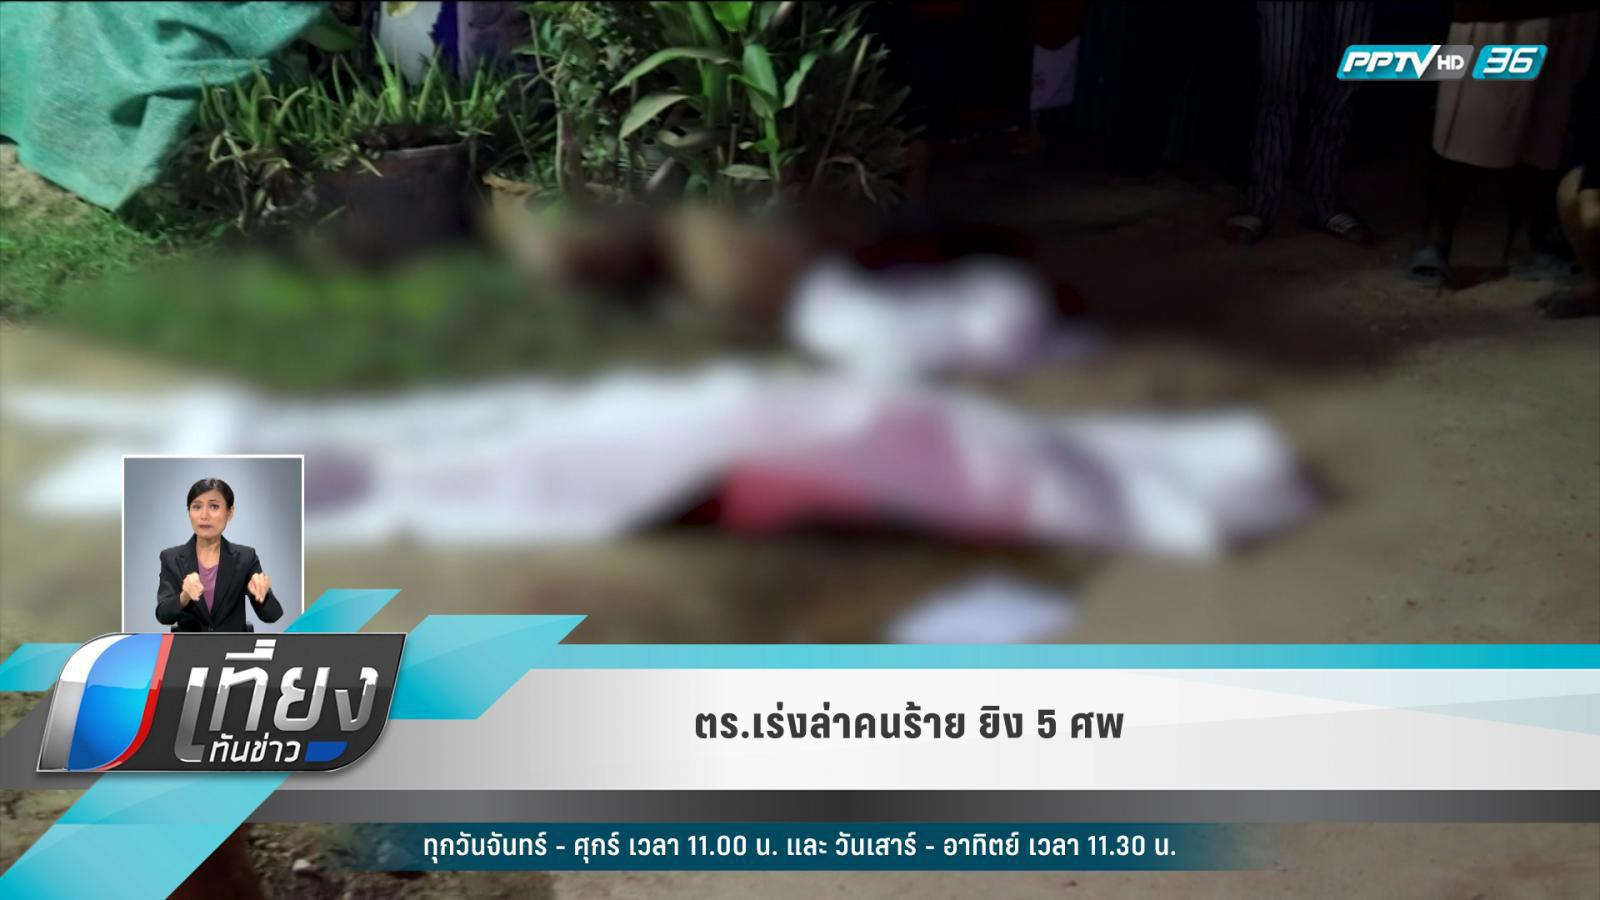 ตำรวจ เร่งล่าคนร้ายยิง 5 ศพ